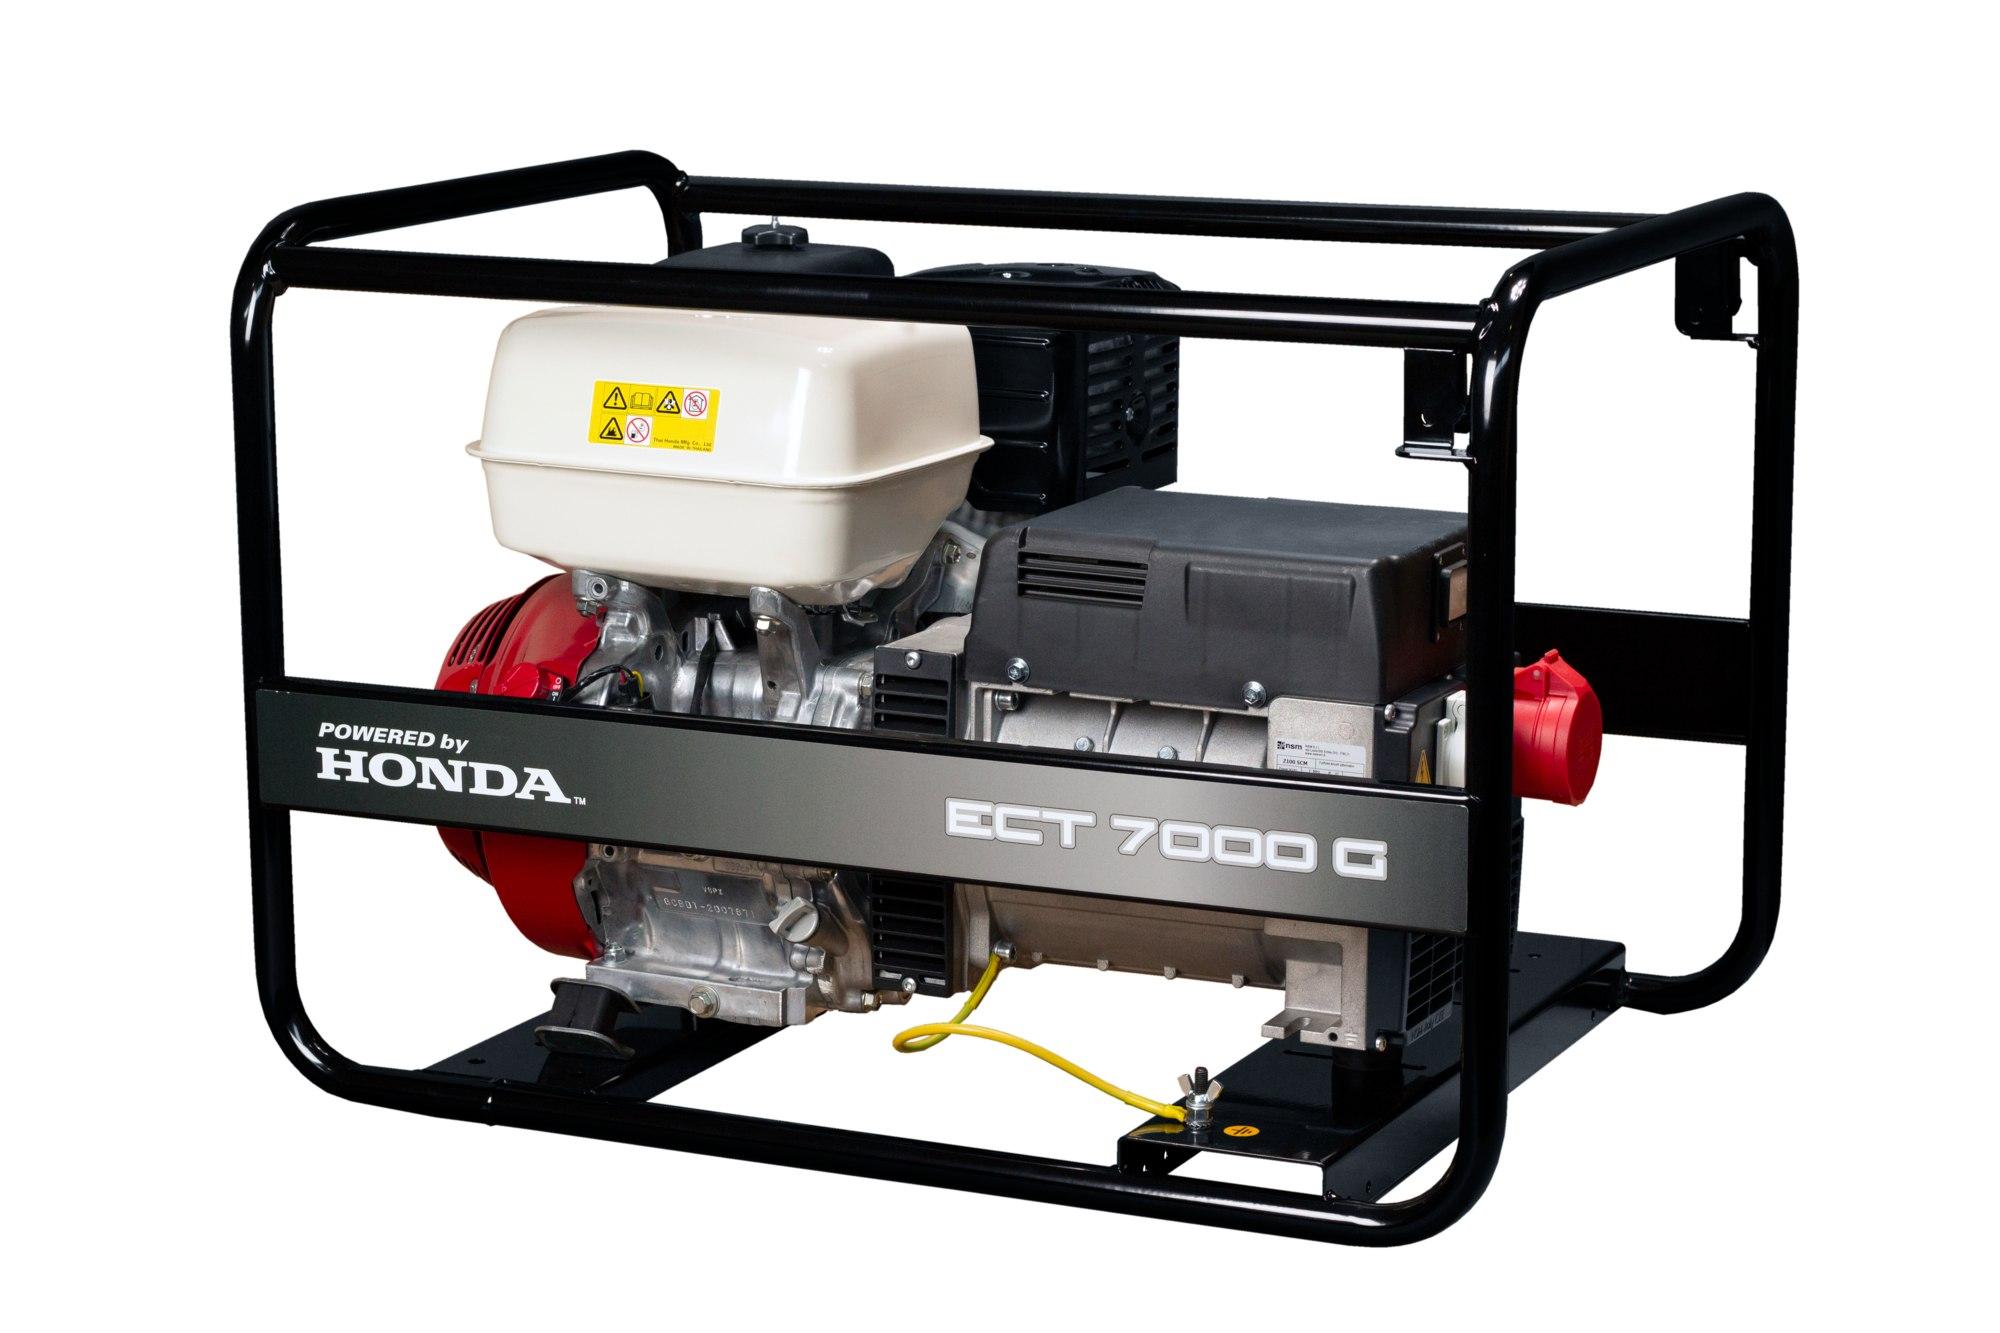 Třífázová elektrocentrála Honda ECT 7000G AVR